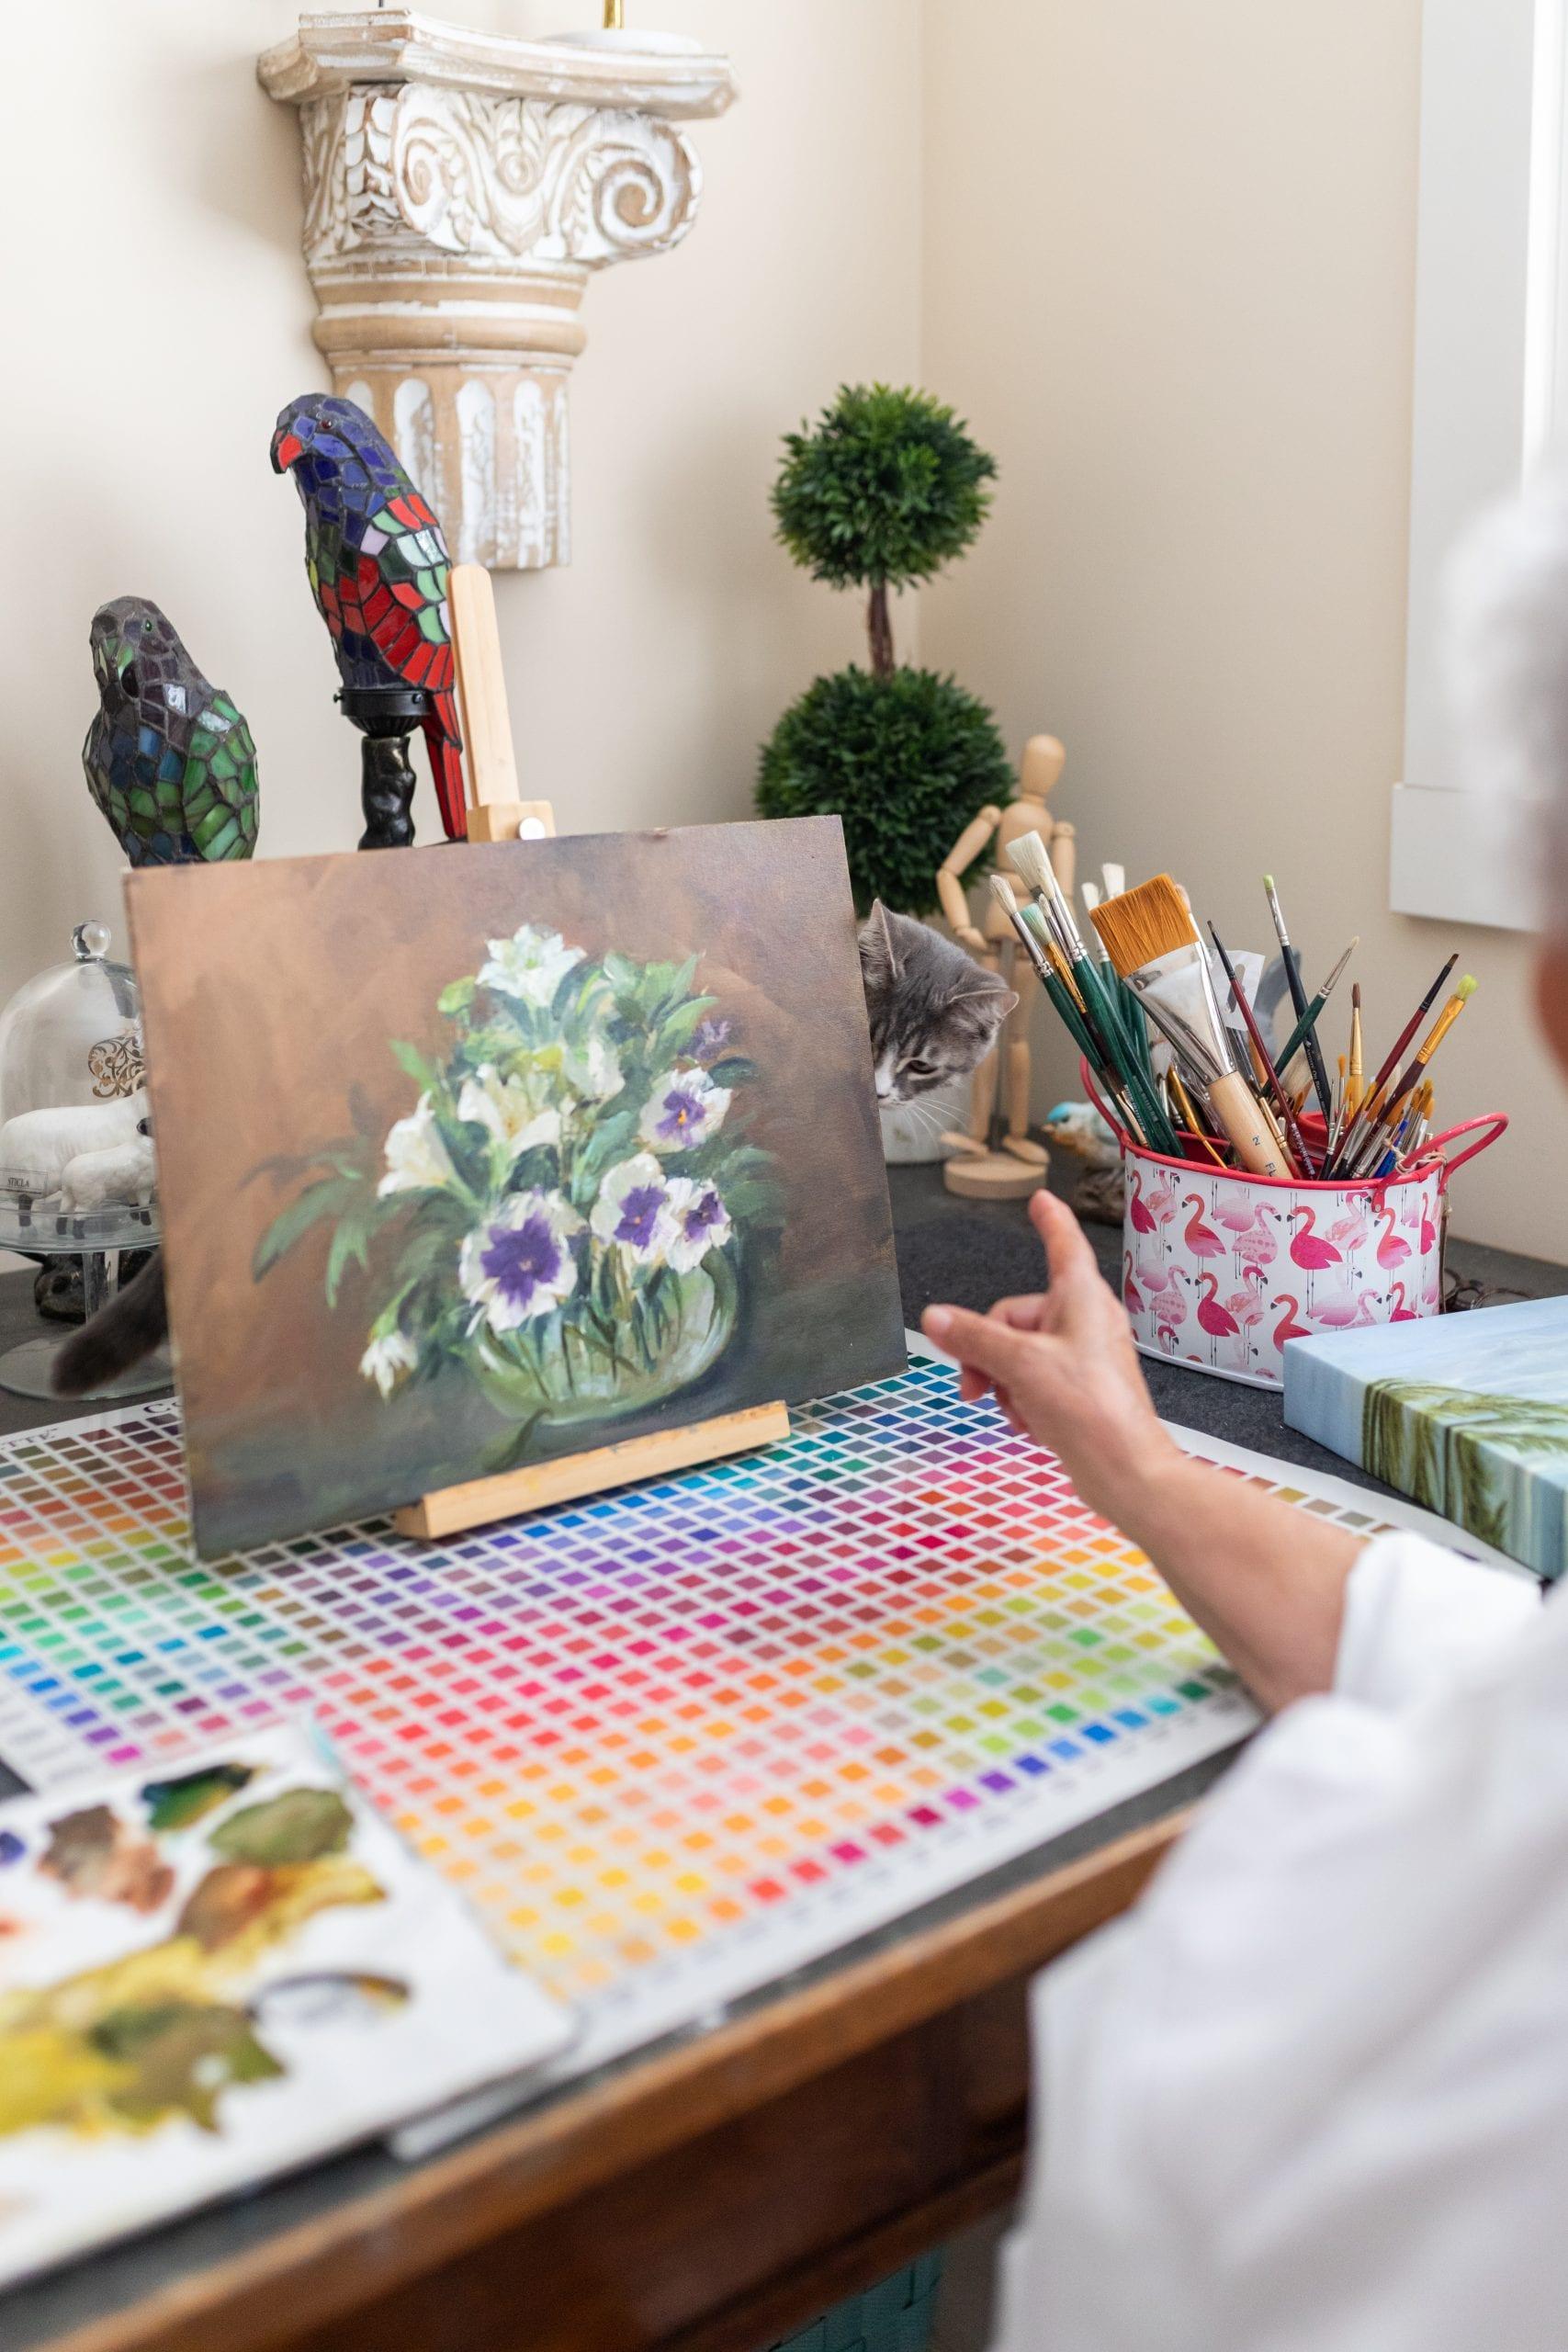 Peggy Harris' art on her desk.